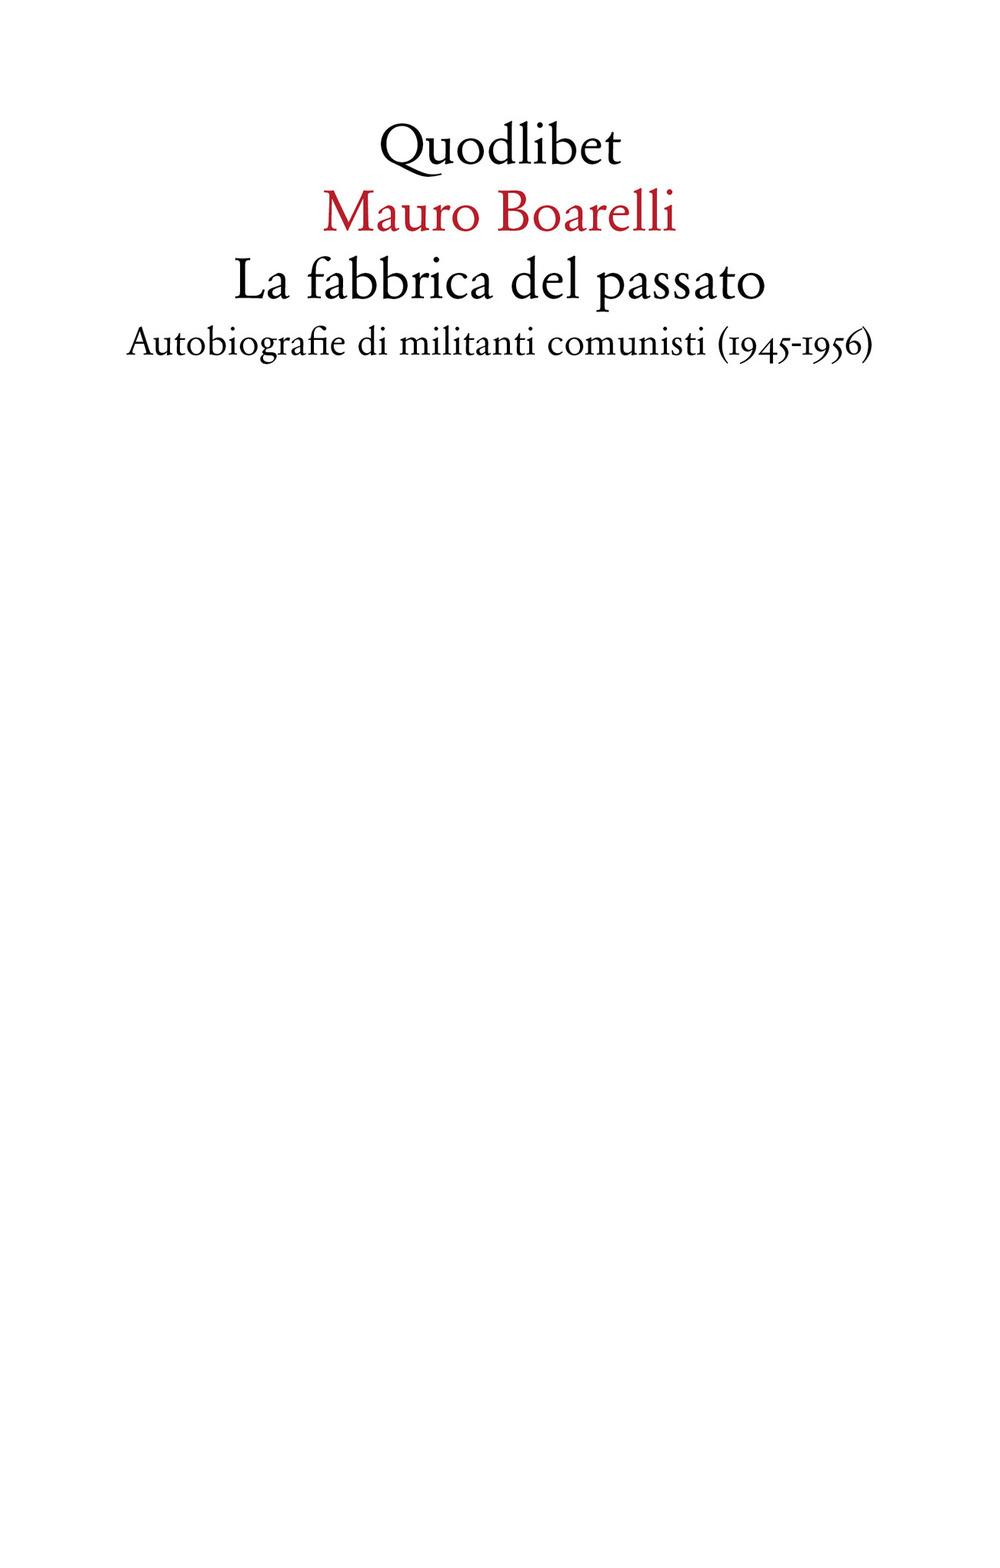 FABBRICA DEL PASSATO. AUTOBIOGRAFIE DI MILITANTI COMUNISTI 1945-1956 (LA) - Boarelli Mauro - 9788822905673